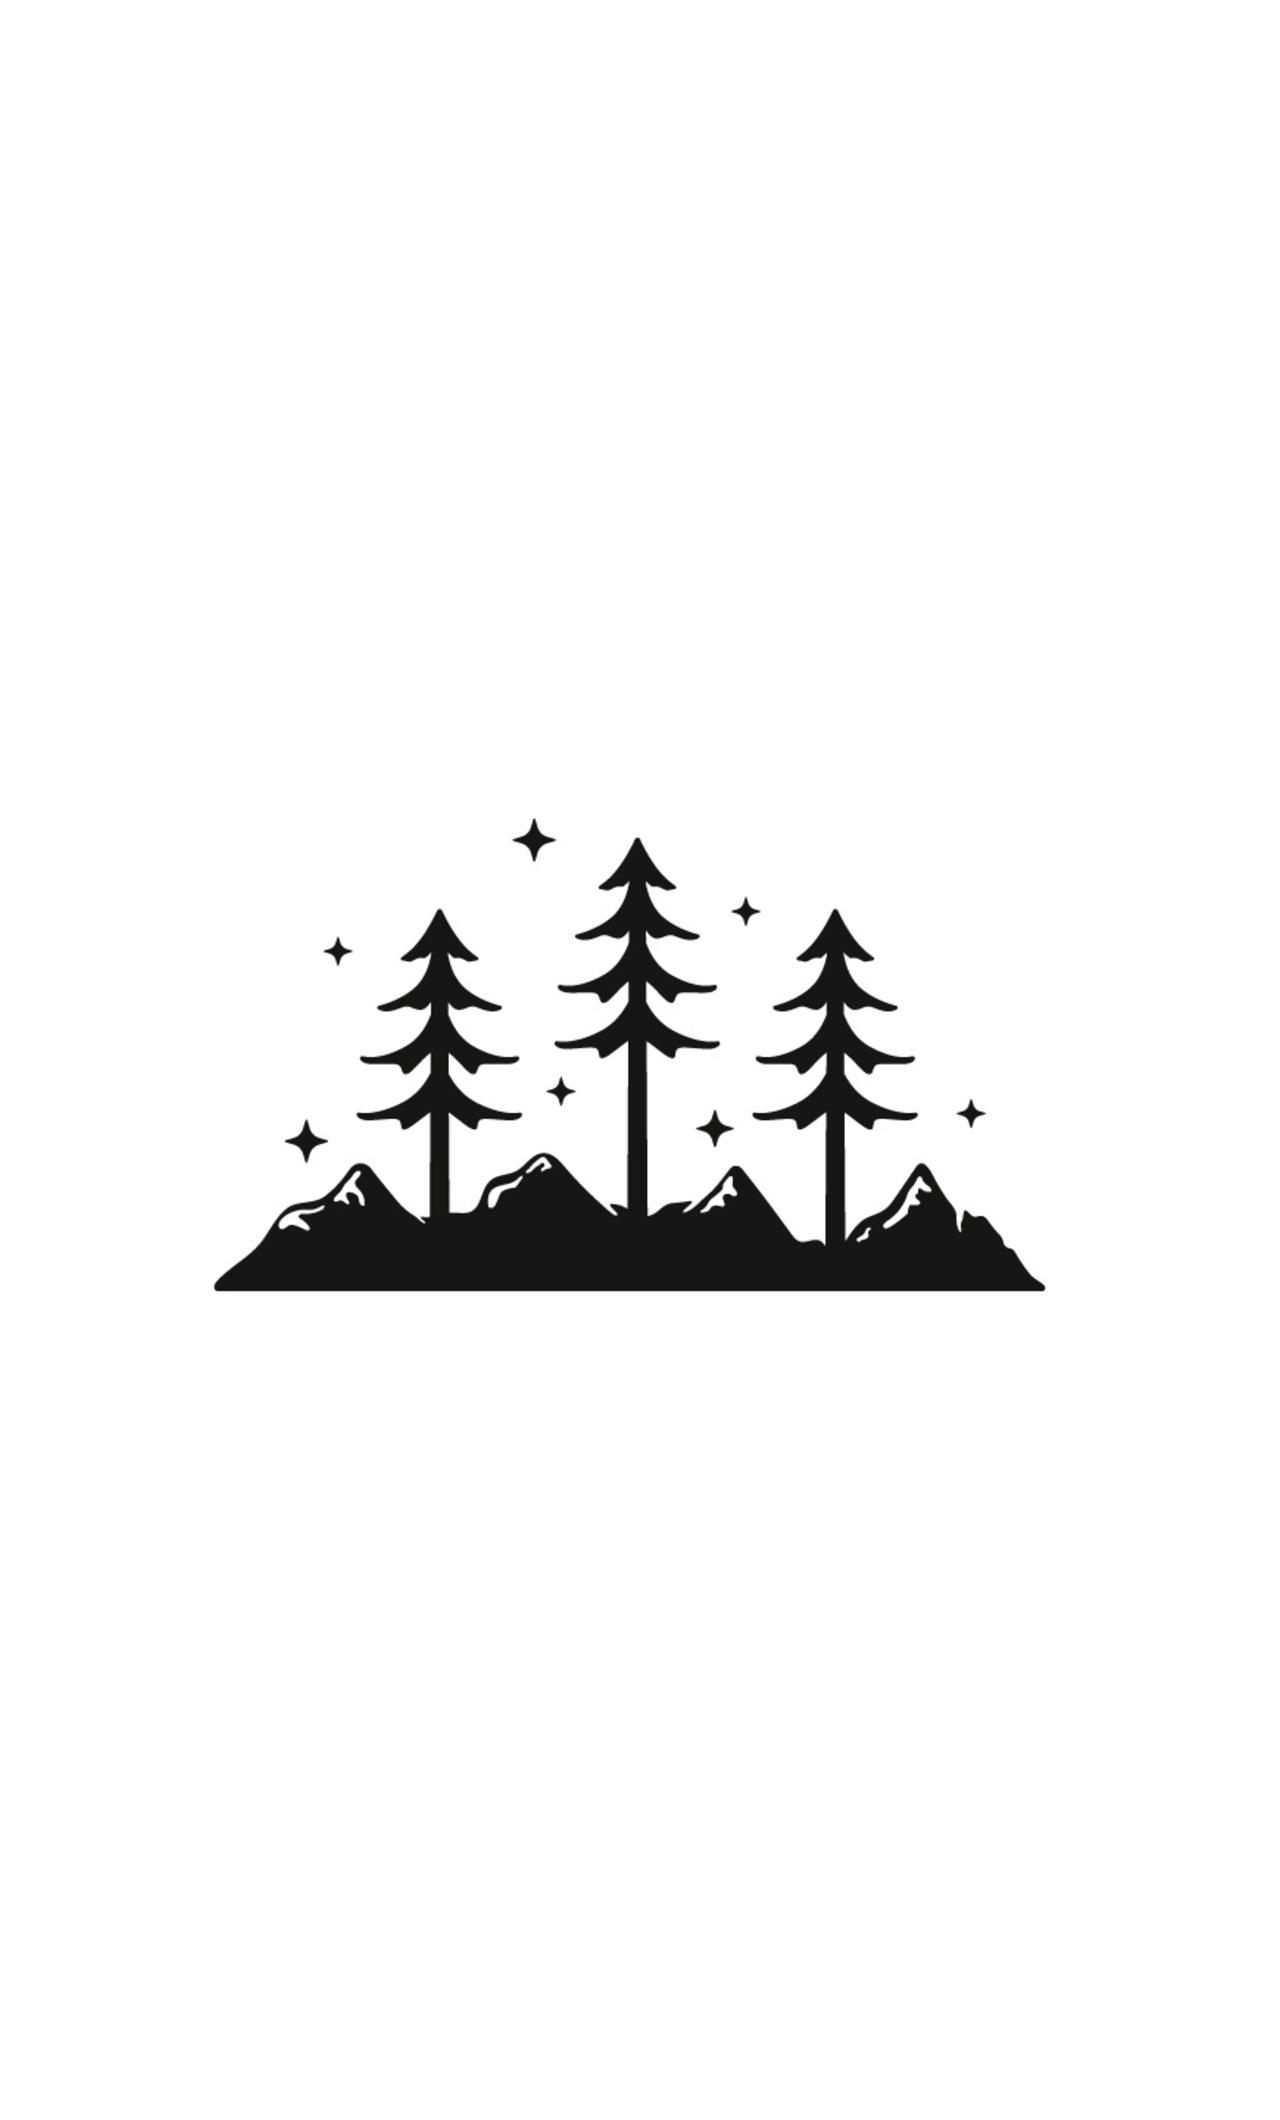 Mountains Trees Minimalism 6x